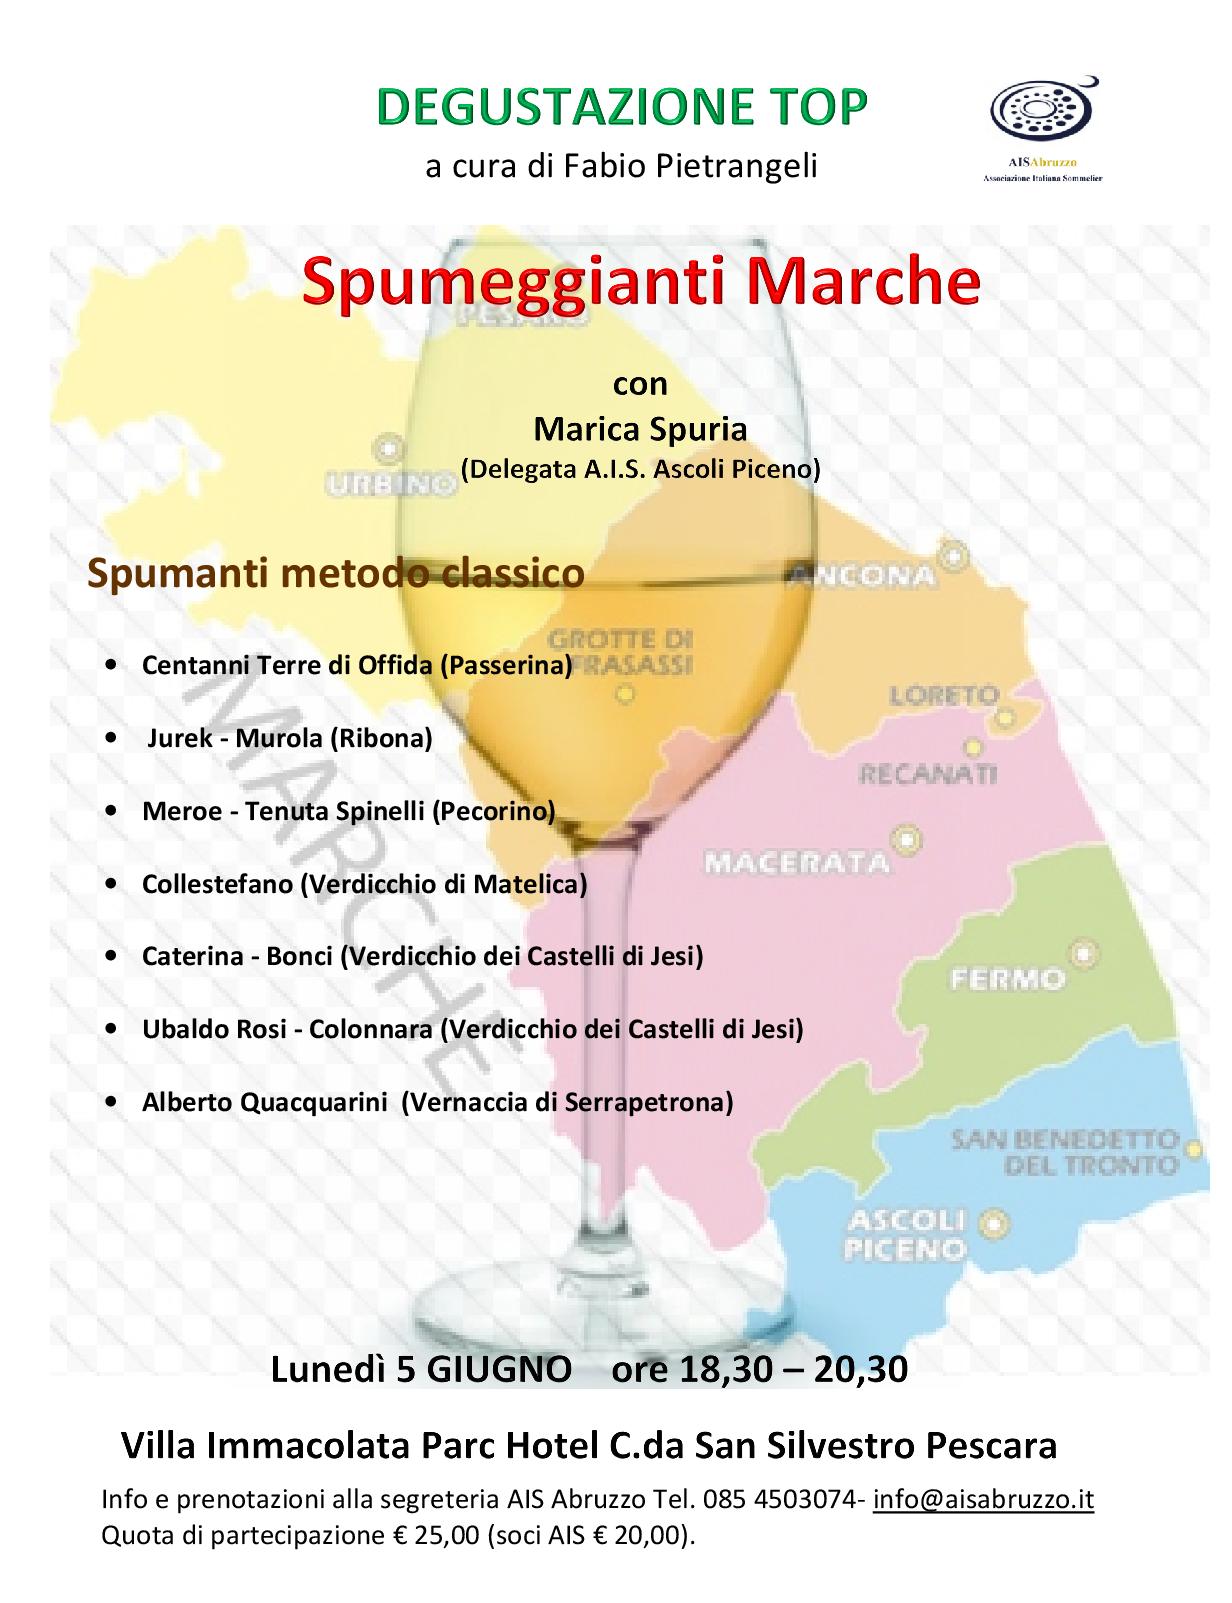 locandina con vini -5 giugno deg.top Marche